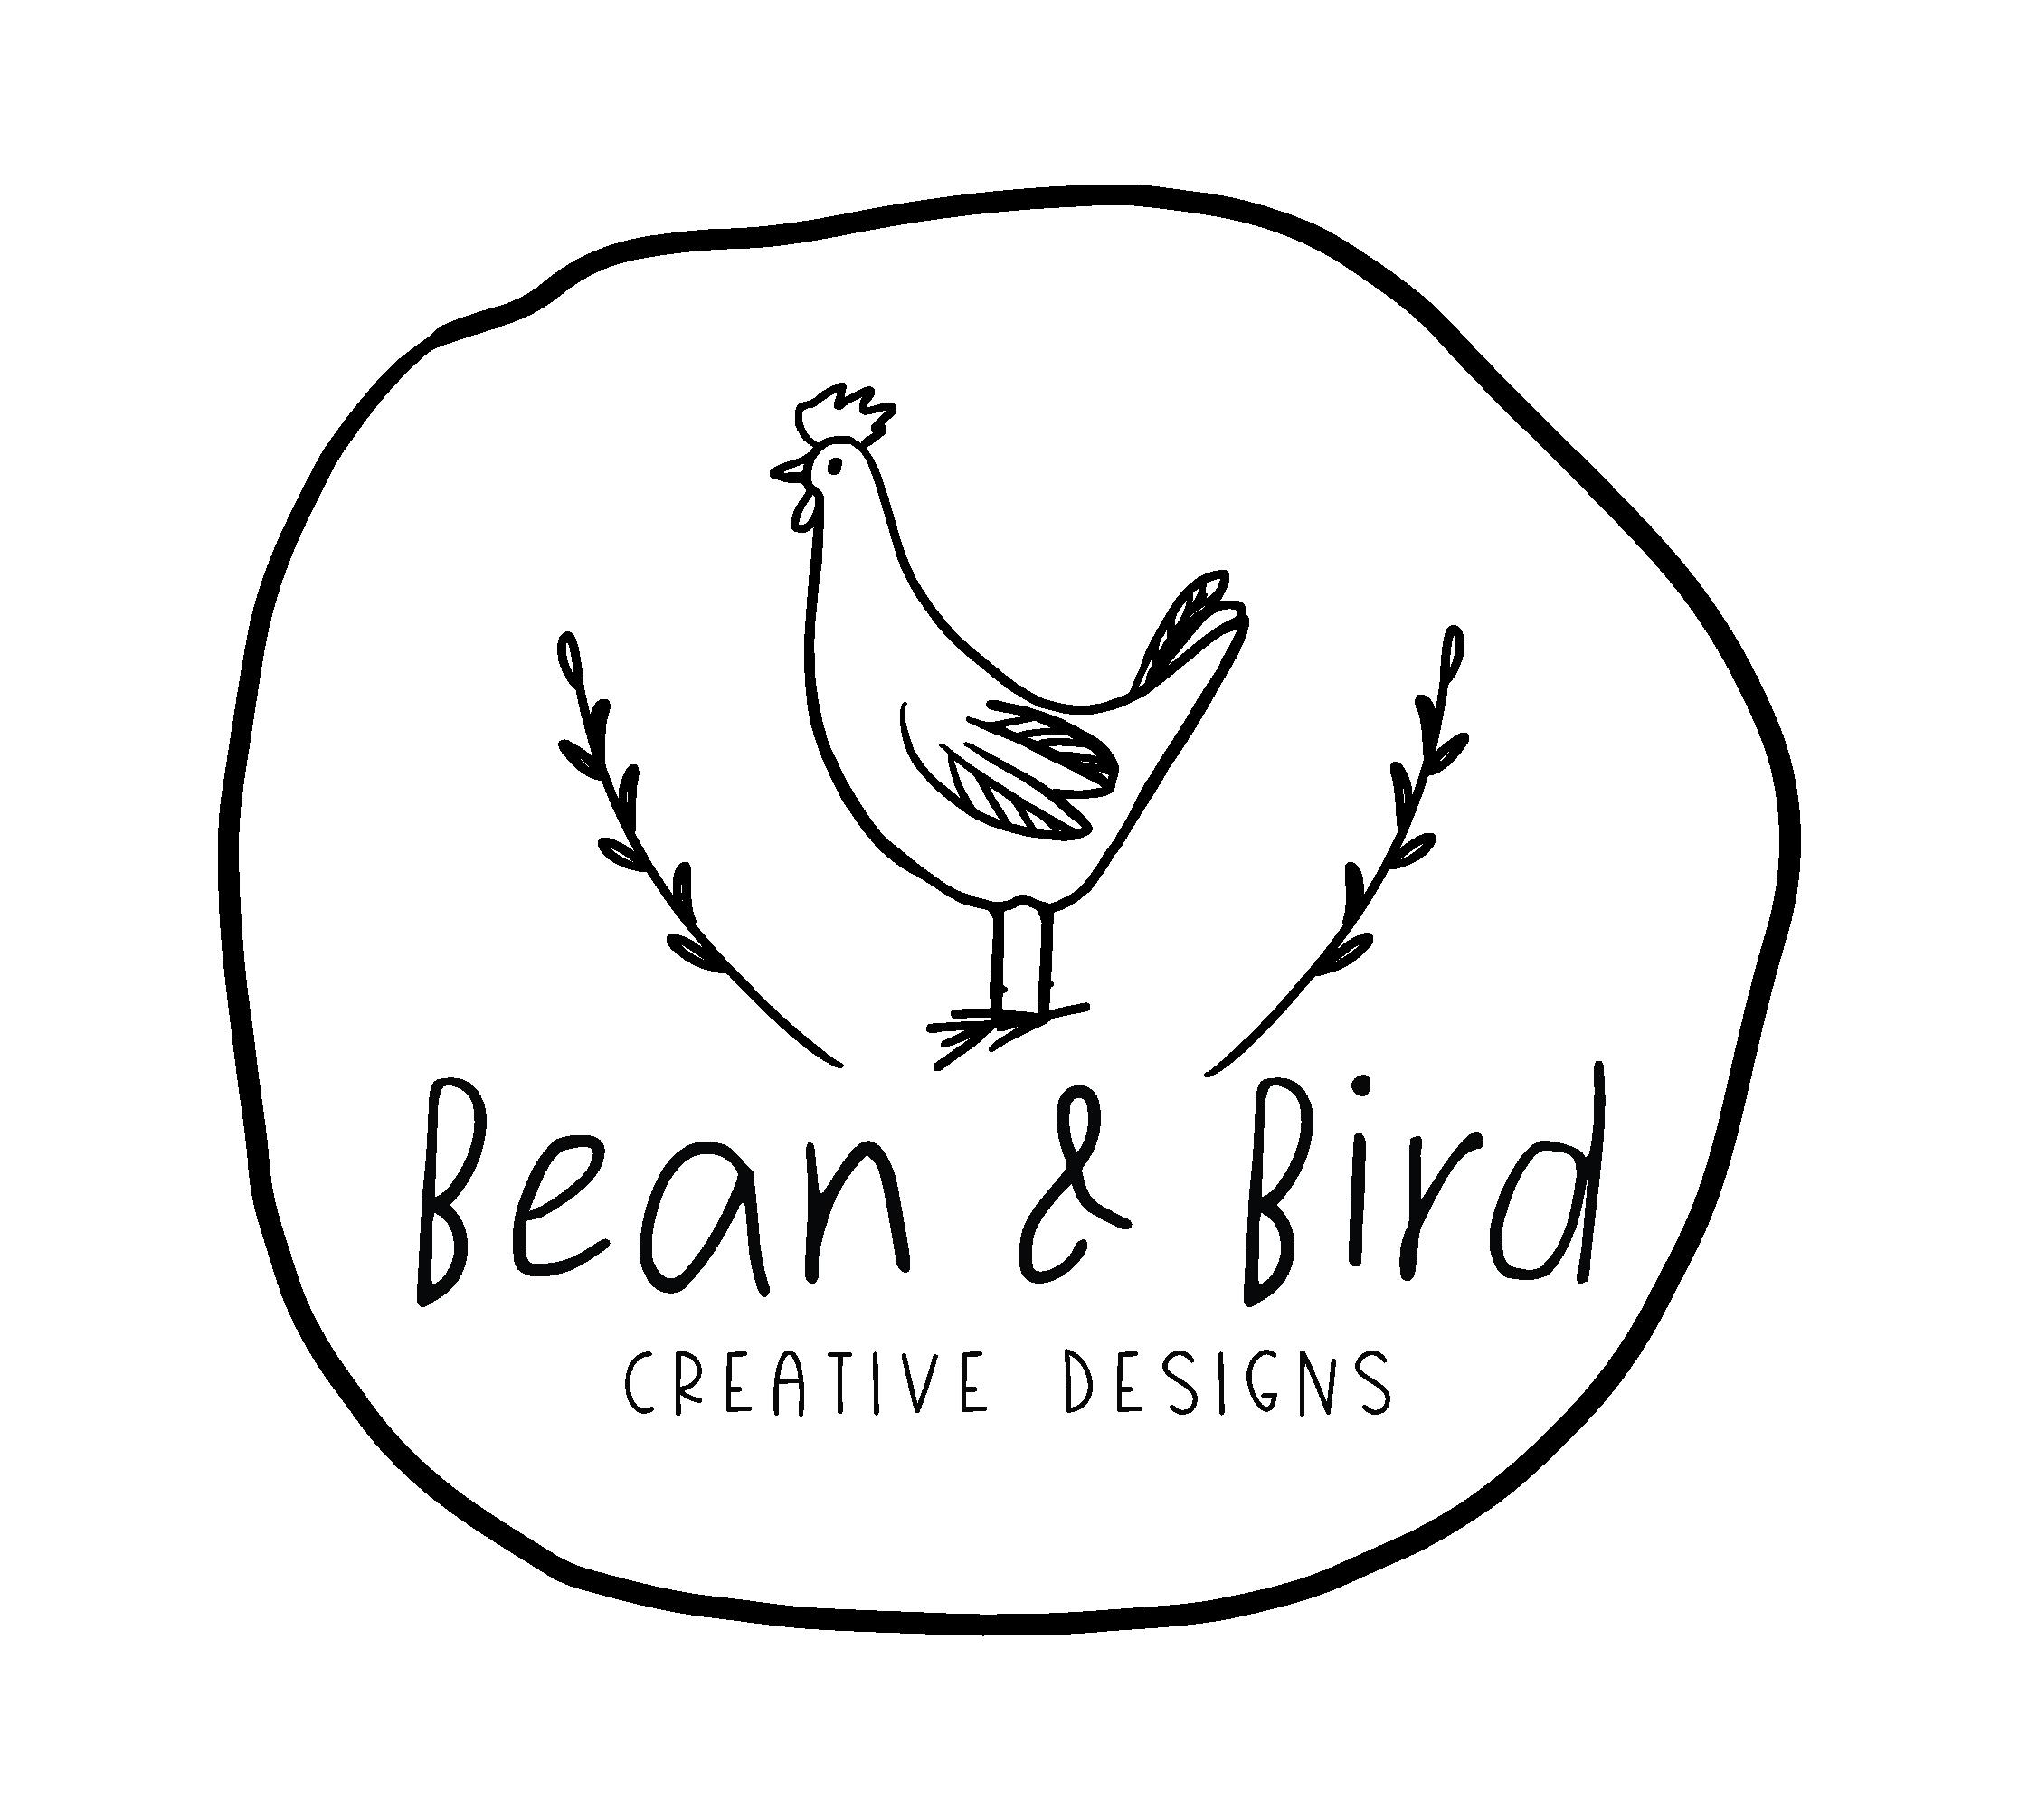 Bean & Bird